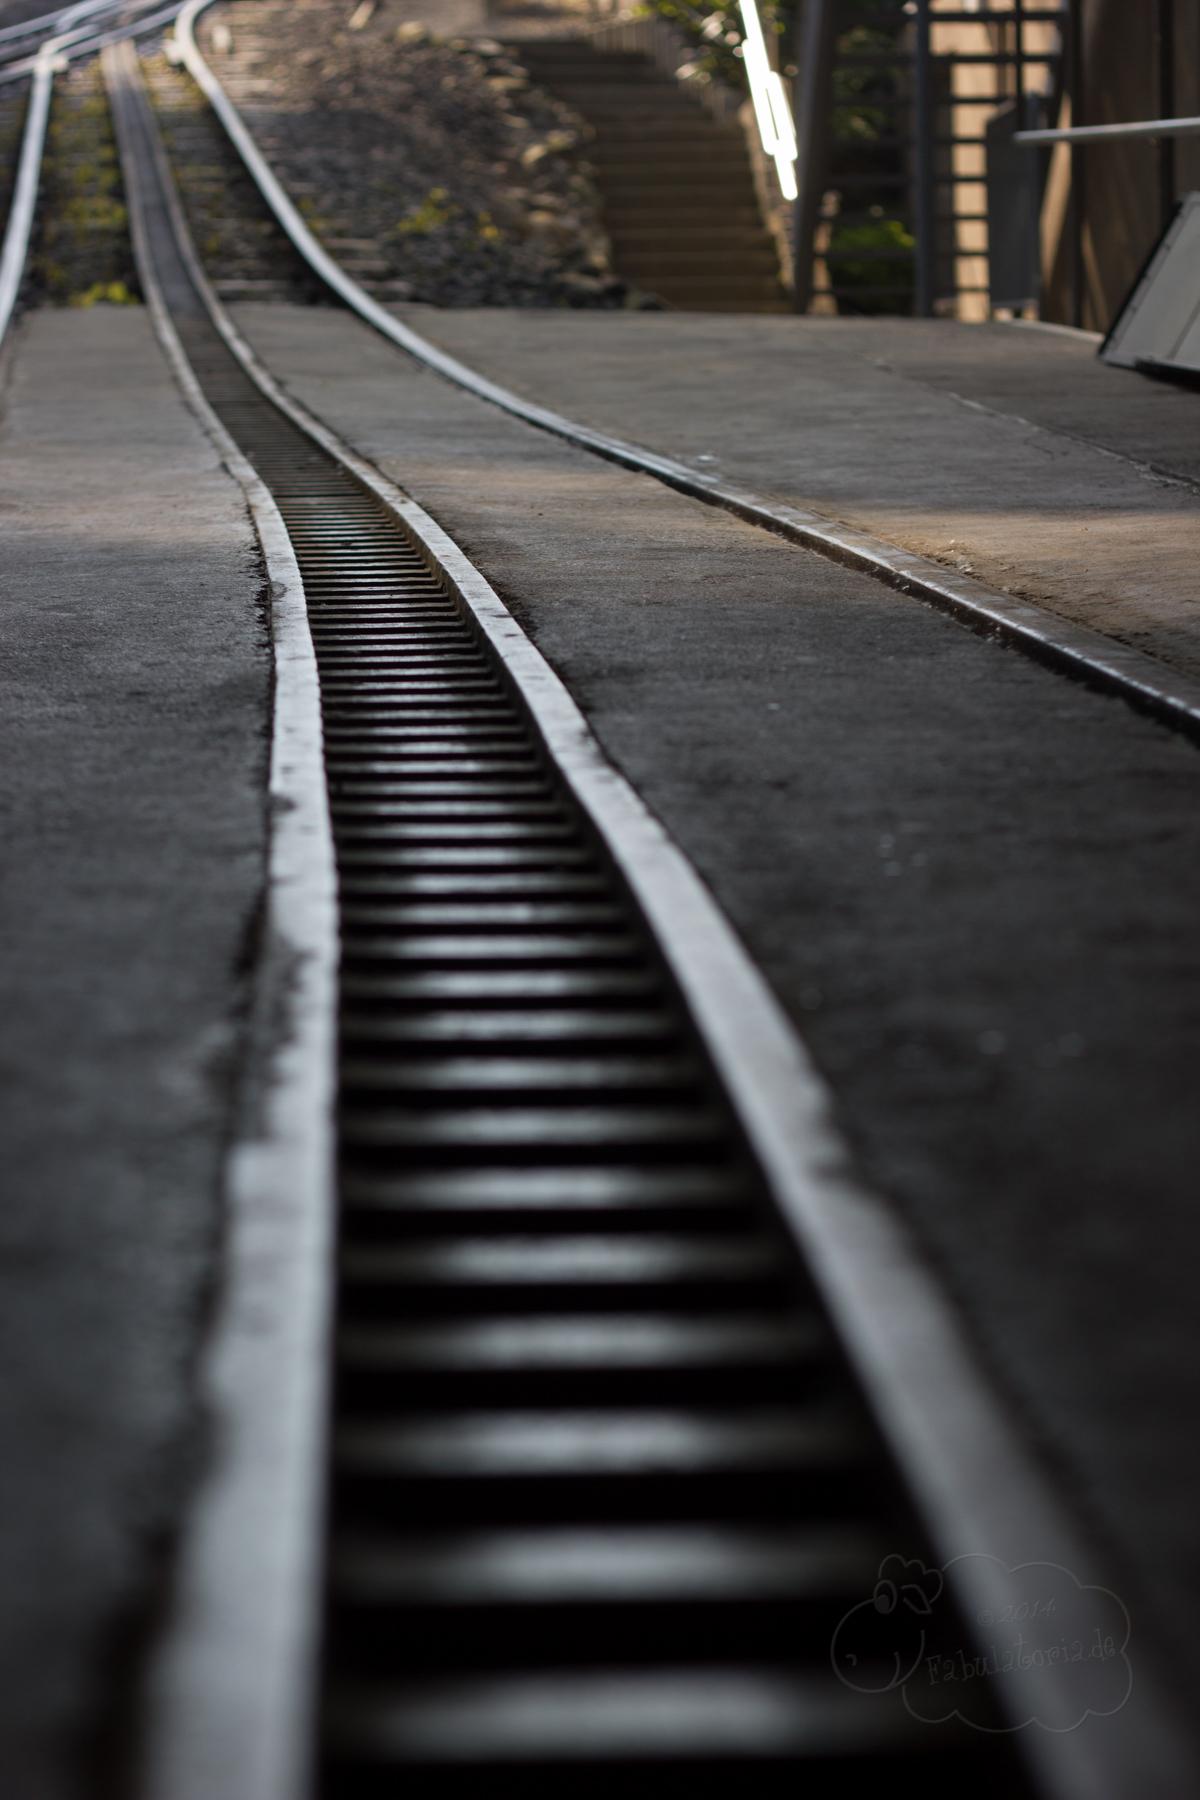 Zahnradbahn003